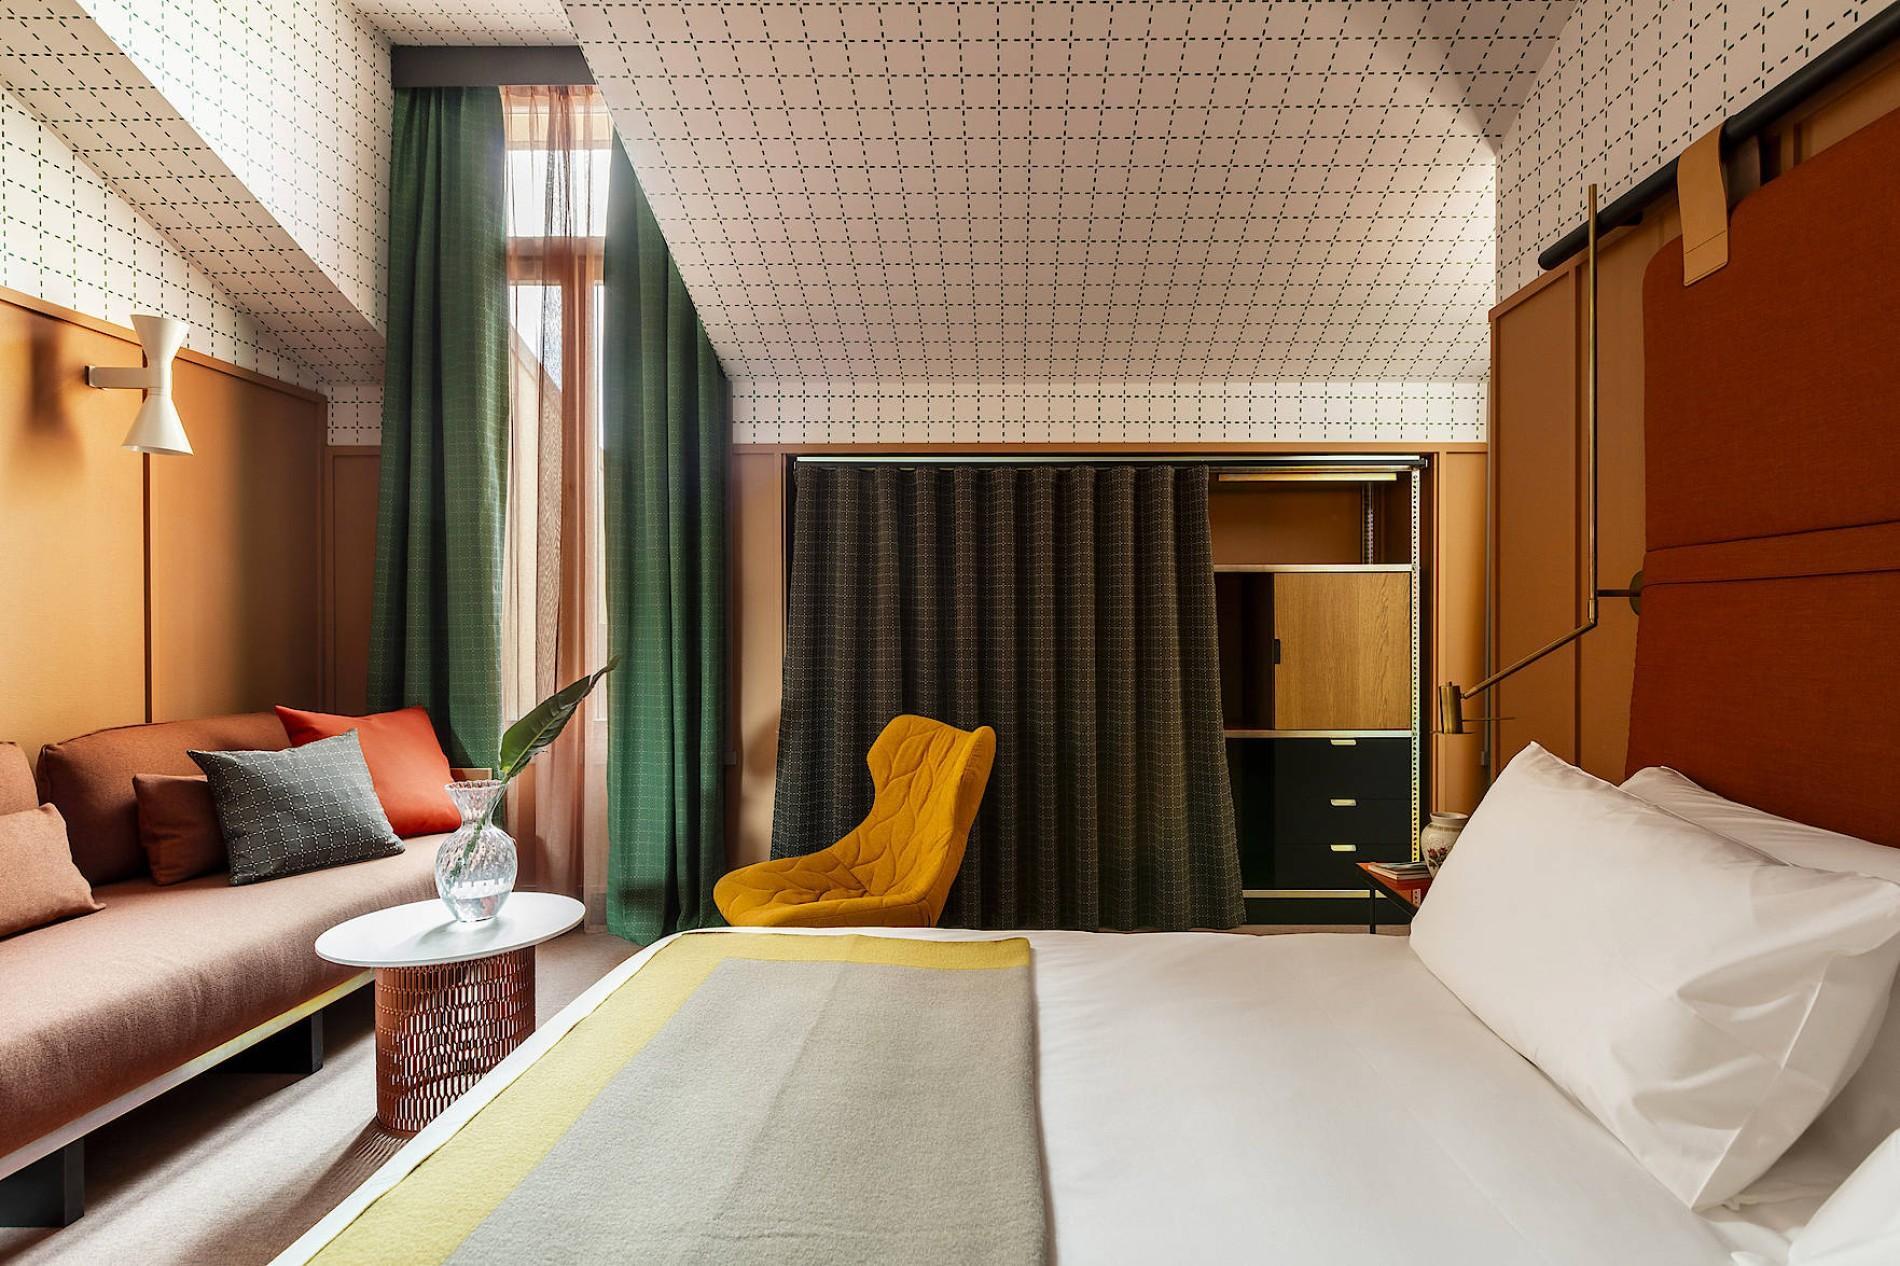 Büros Hotels Züge Und Jets Gemütlichkeit Erobert Die Nutzwertwelt